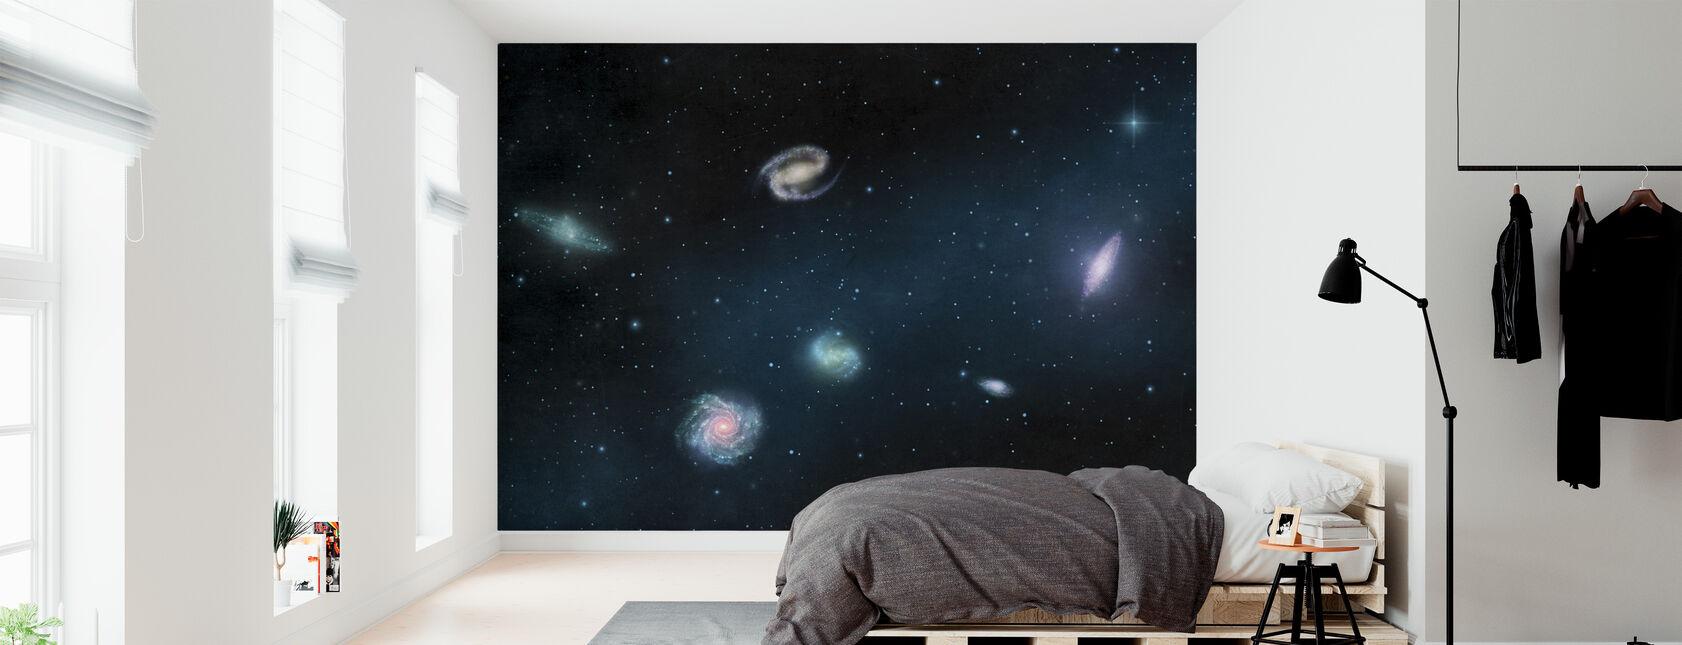 Mørkeste mørke - Galakser - Tapet - Soverom